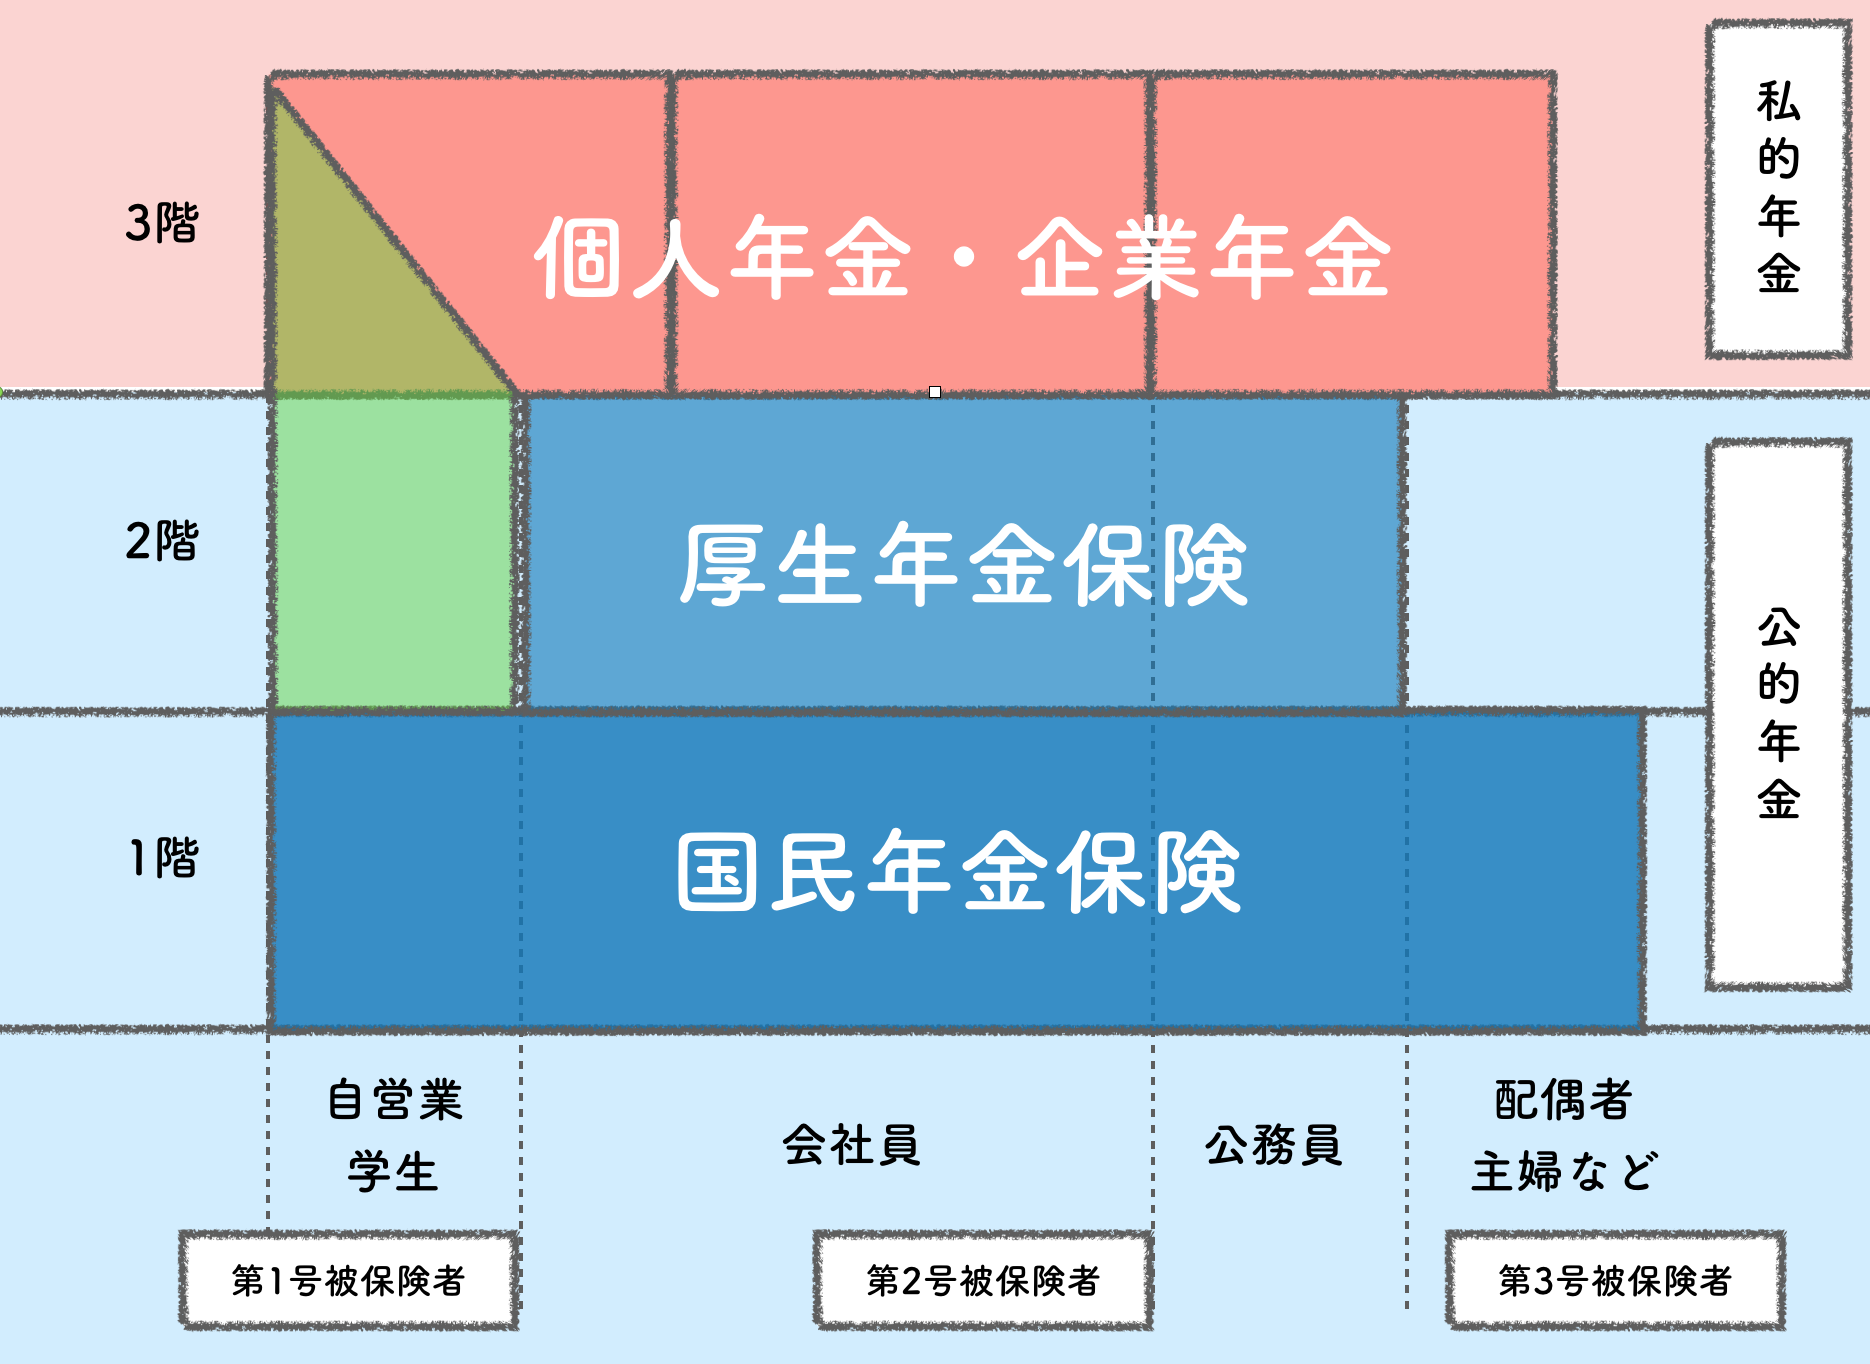 年金3階建て【図解】